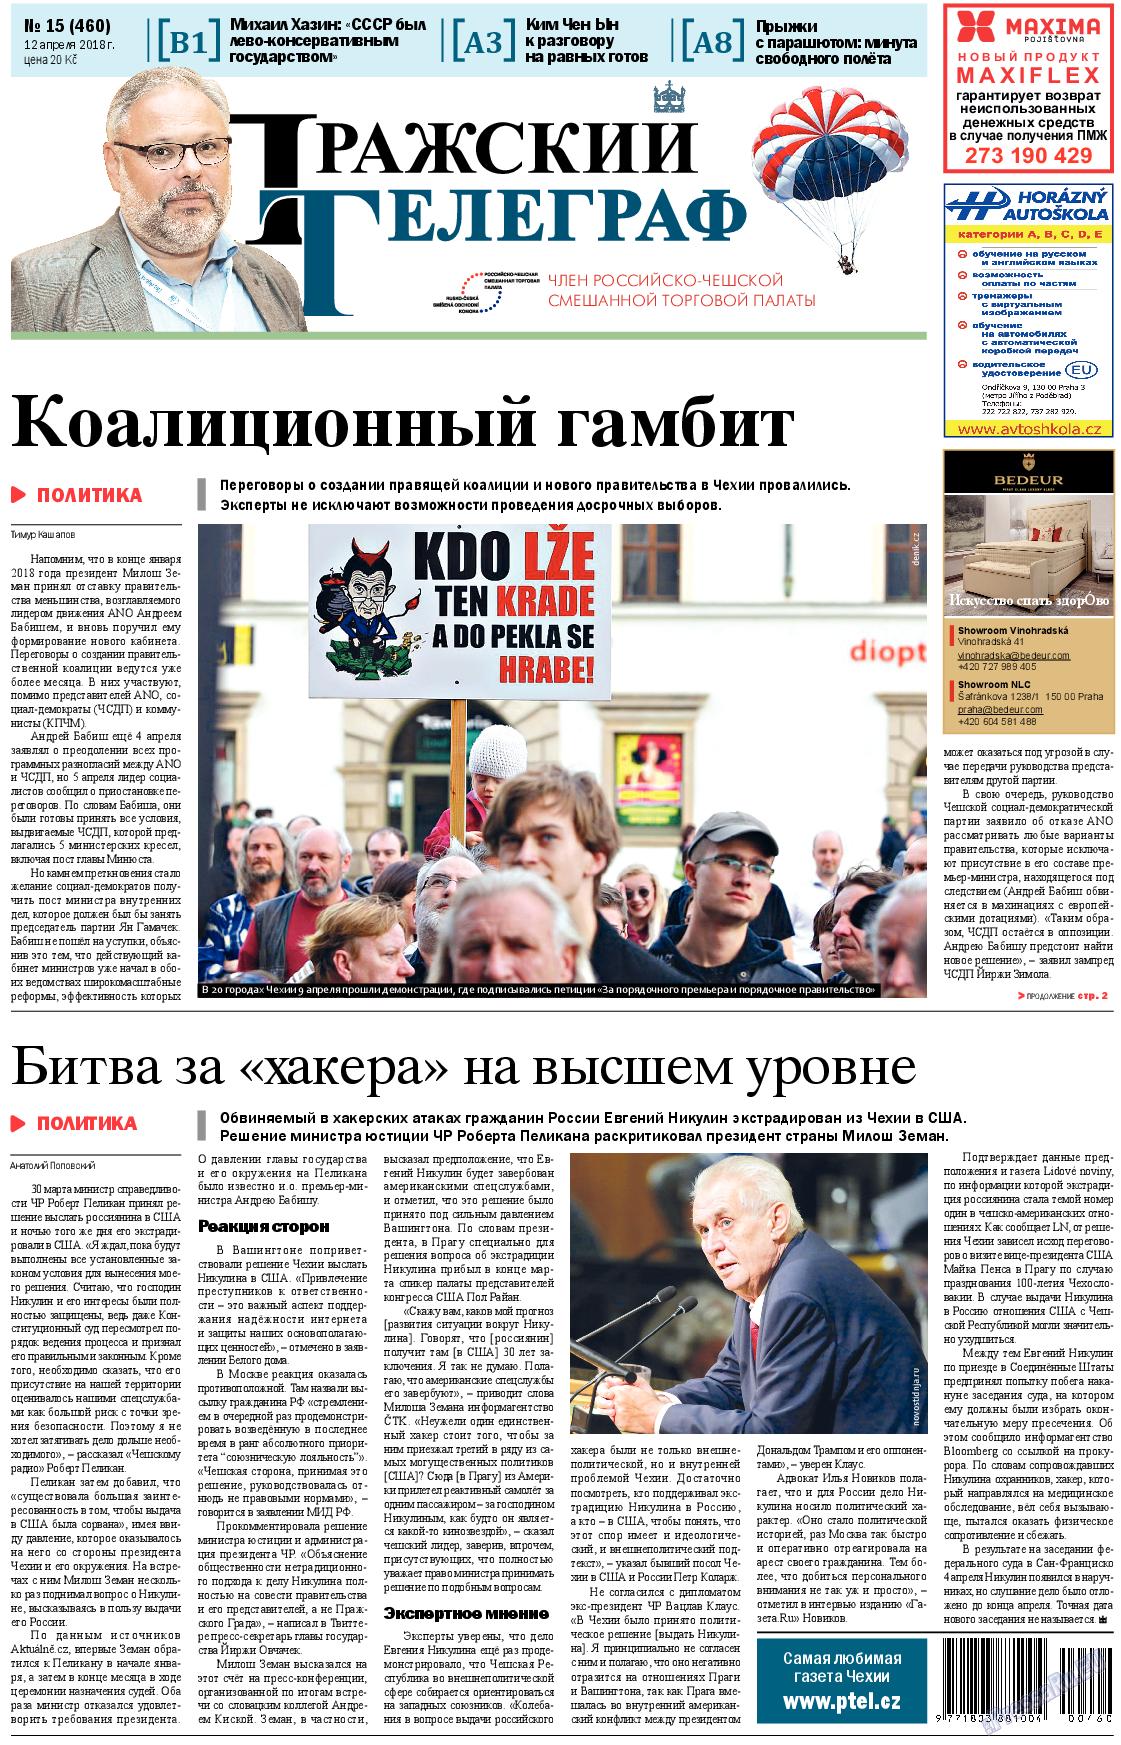 Пражский телеграф (газета). 2018 год, номер 15, стр. 1